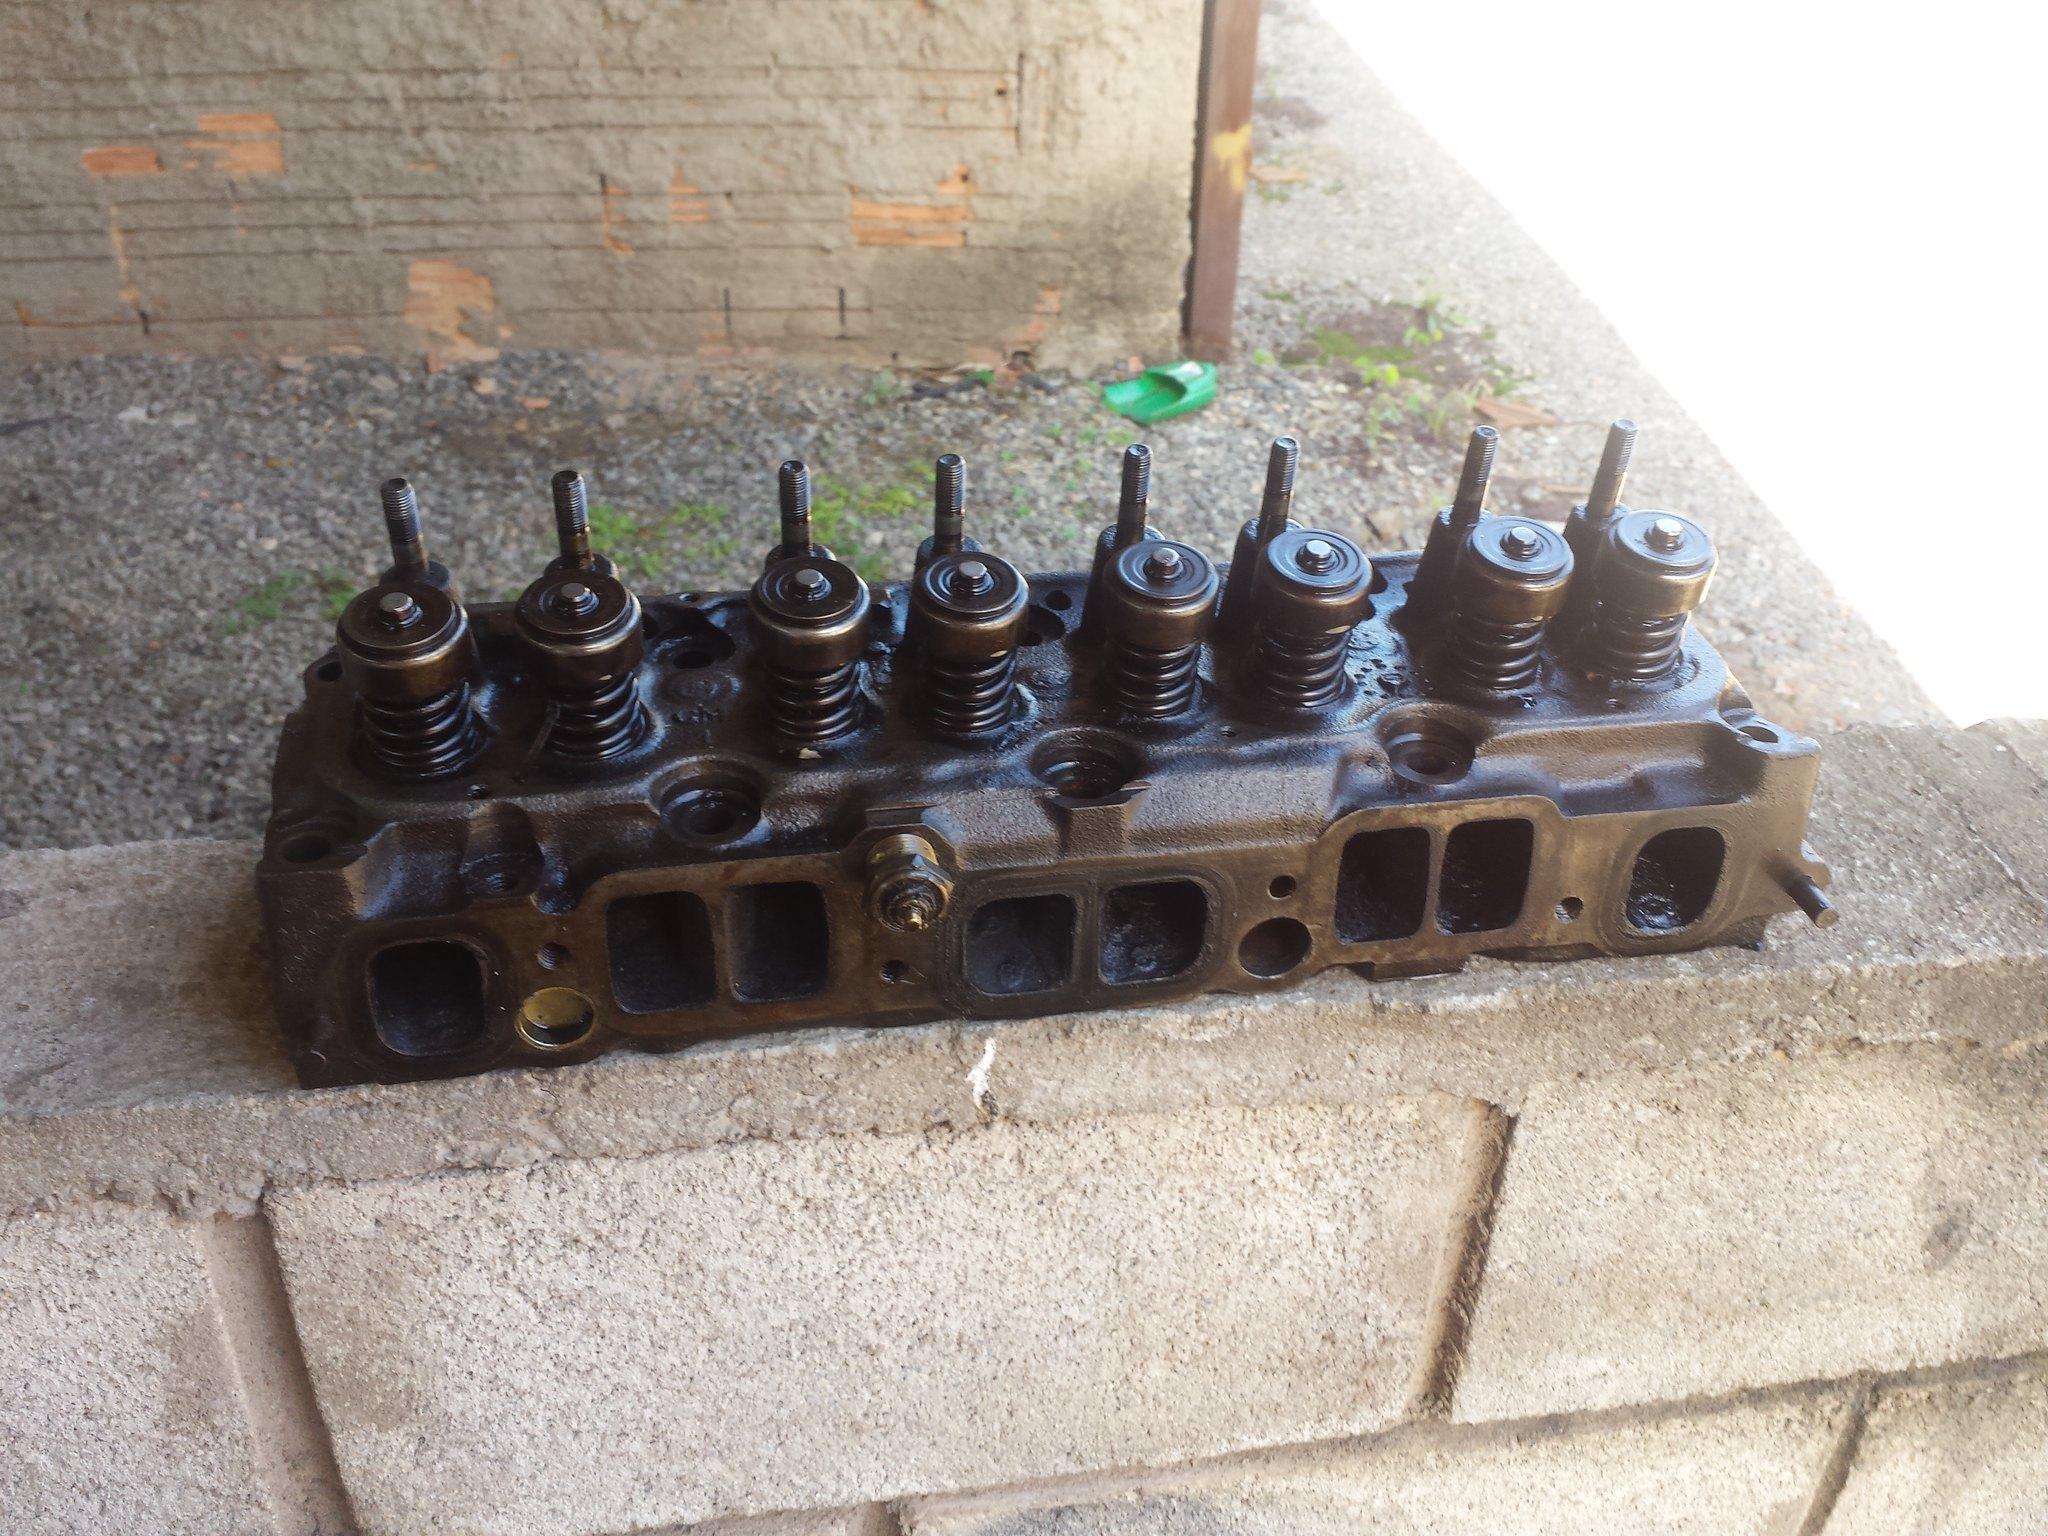 Turbo - Preparação para o Diplomata 88 4 cilindros turbo  32820702973_ec541d6df4_k